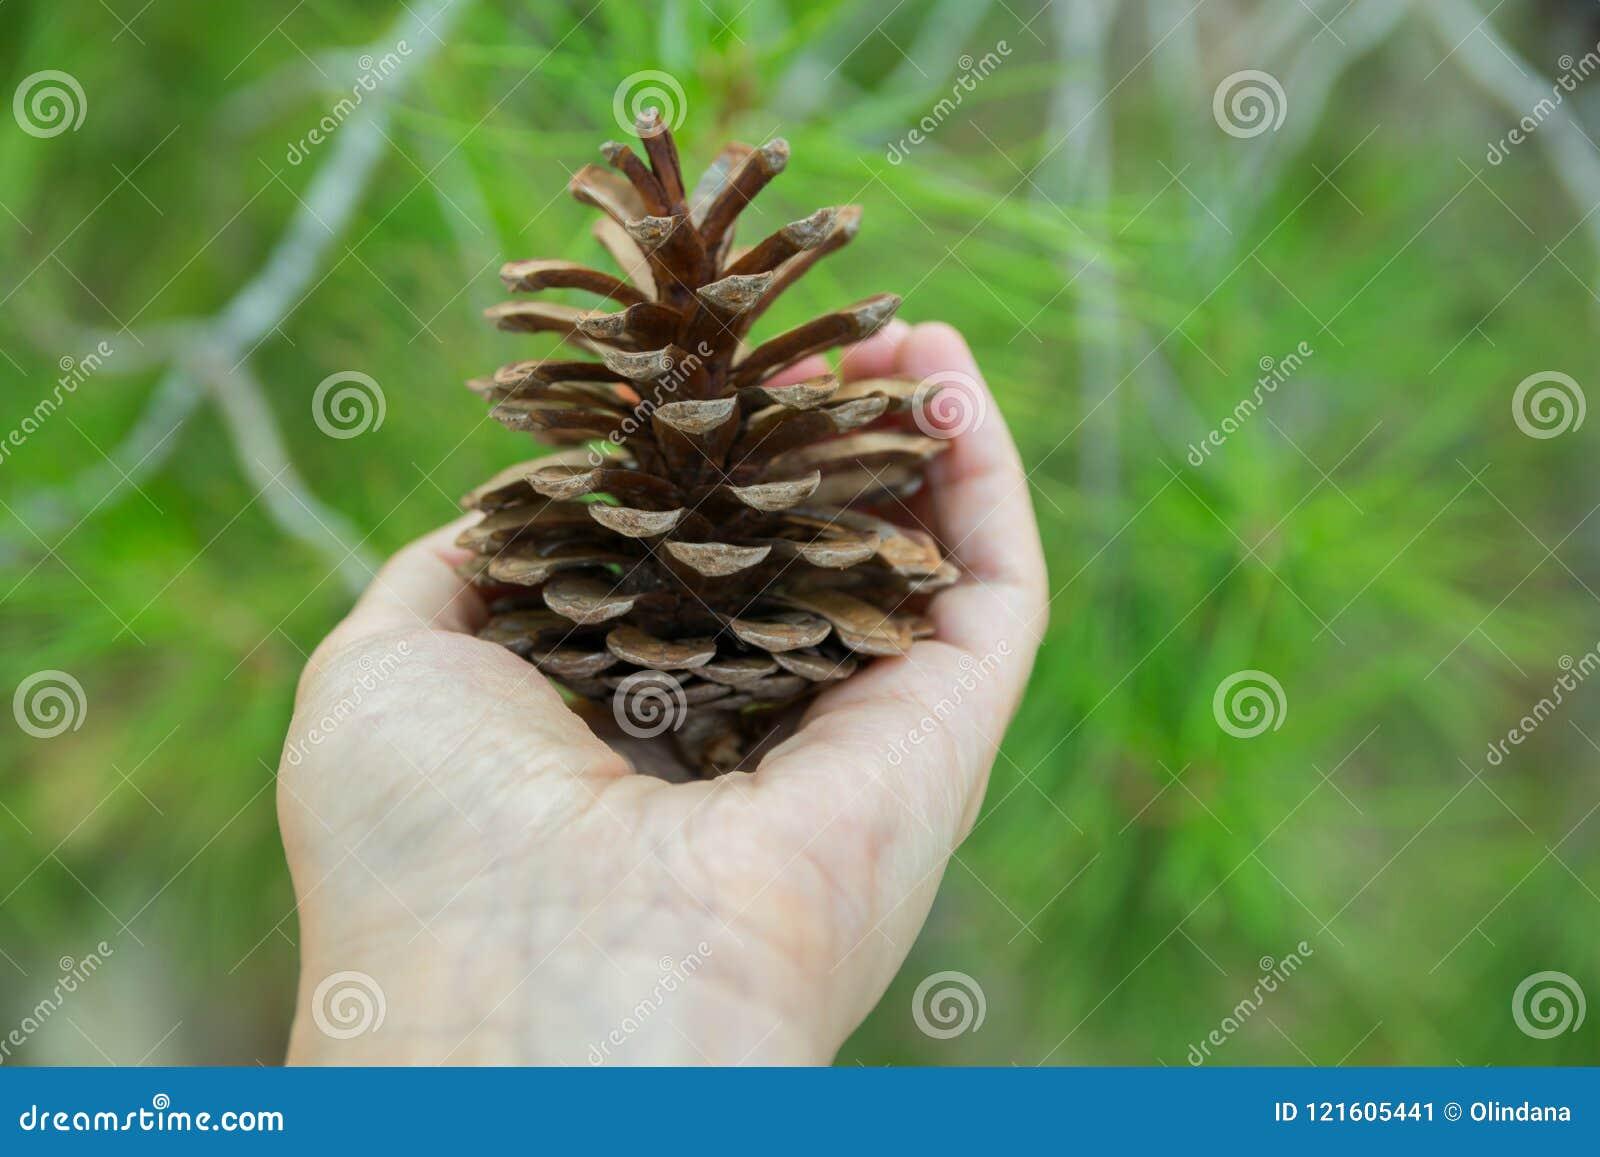 Junges kaukasisches Frauen-Mädchen hält in der Hand Kiefern-Kegel in Forest Foliage Background Betrachtungs-Ruhe-aufmerksames Ver